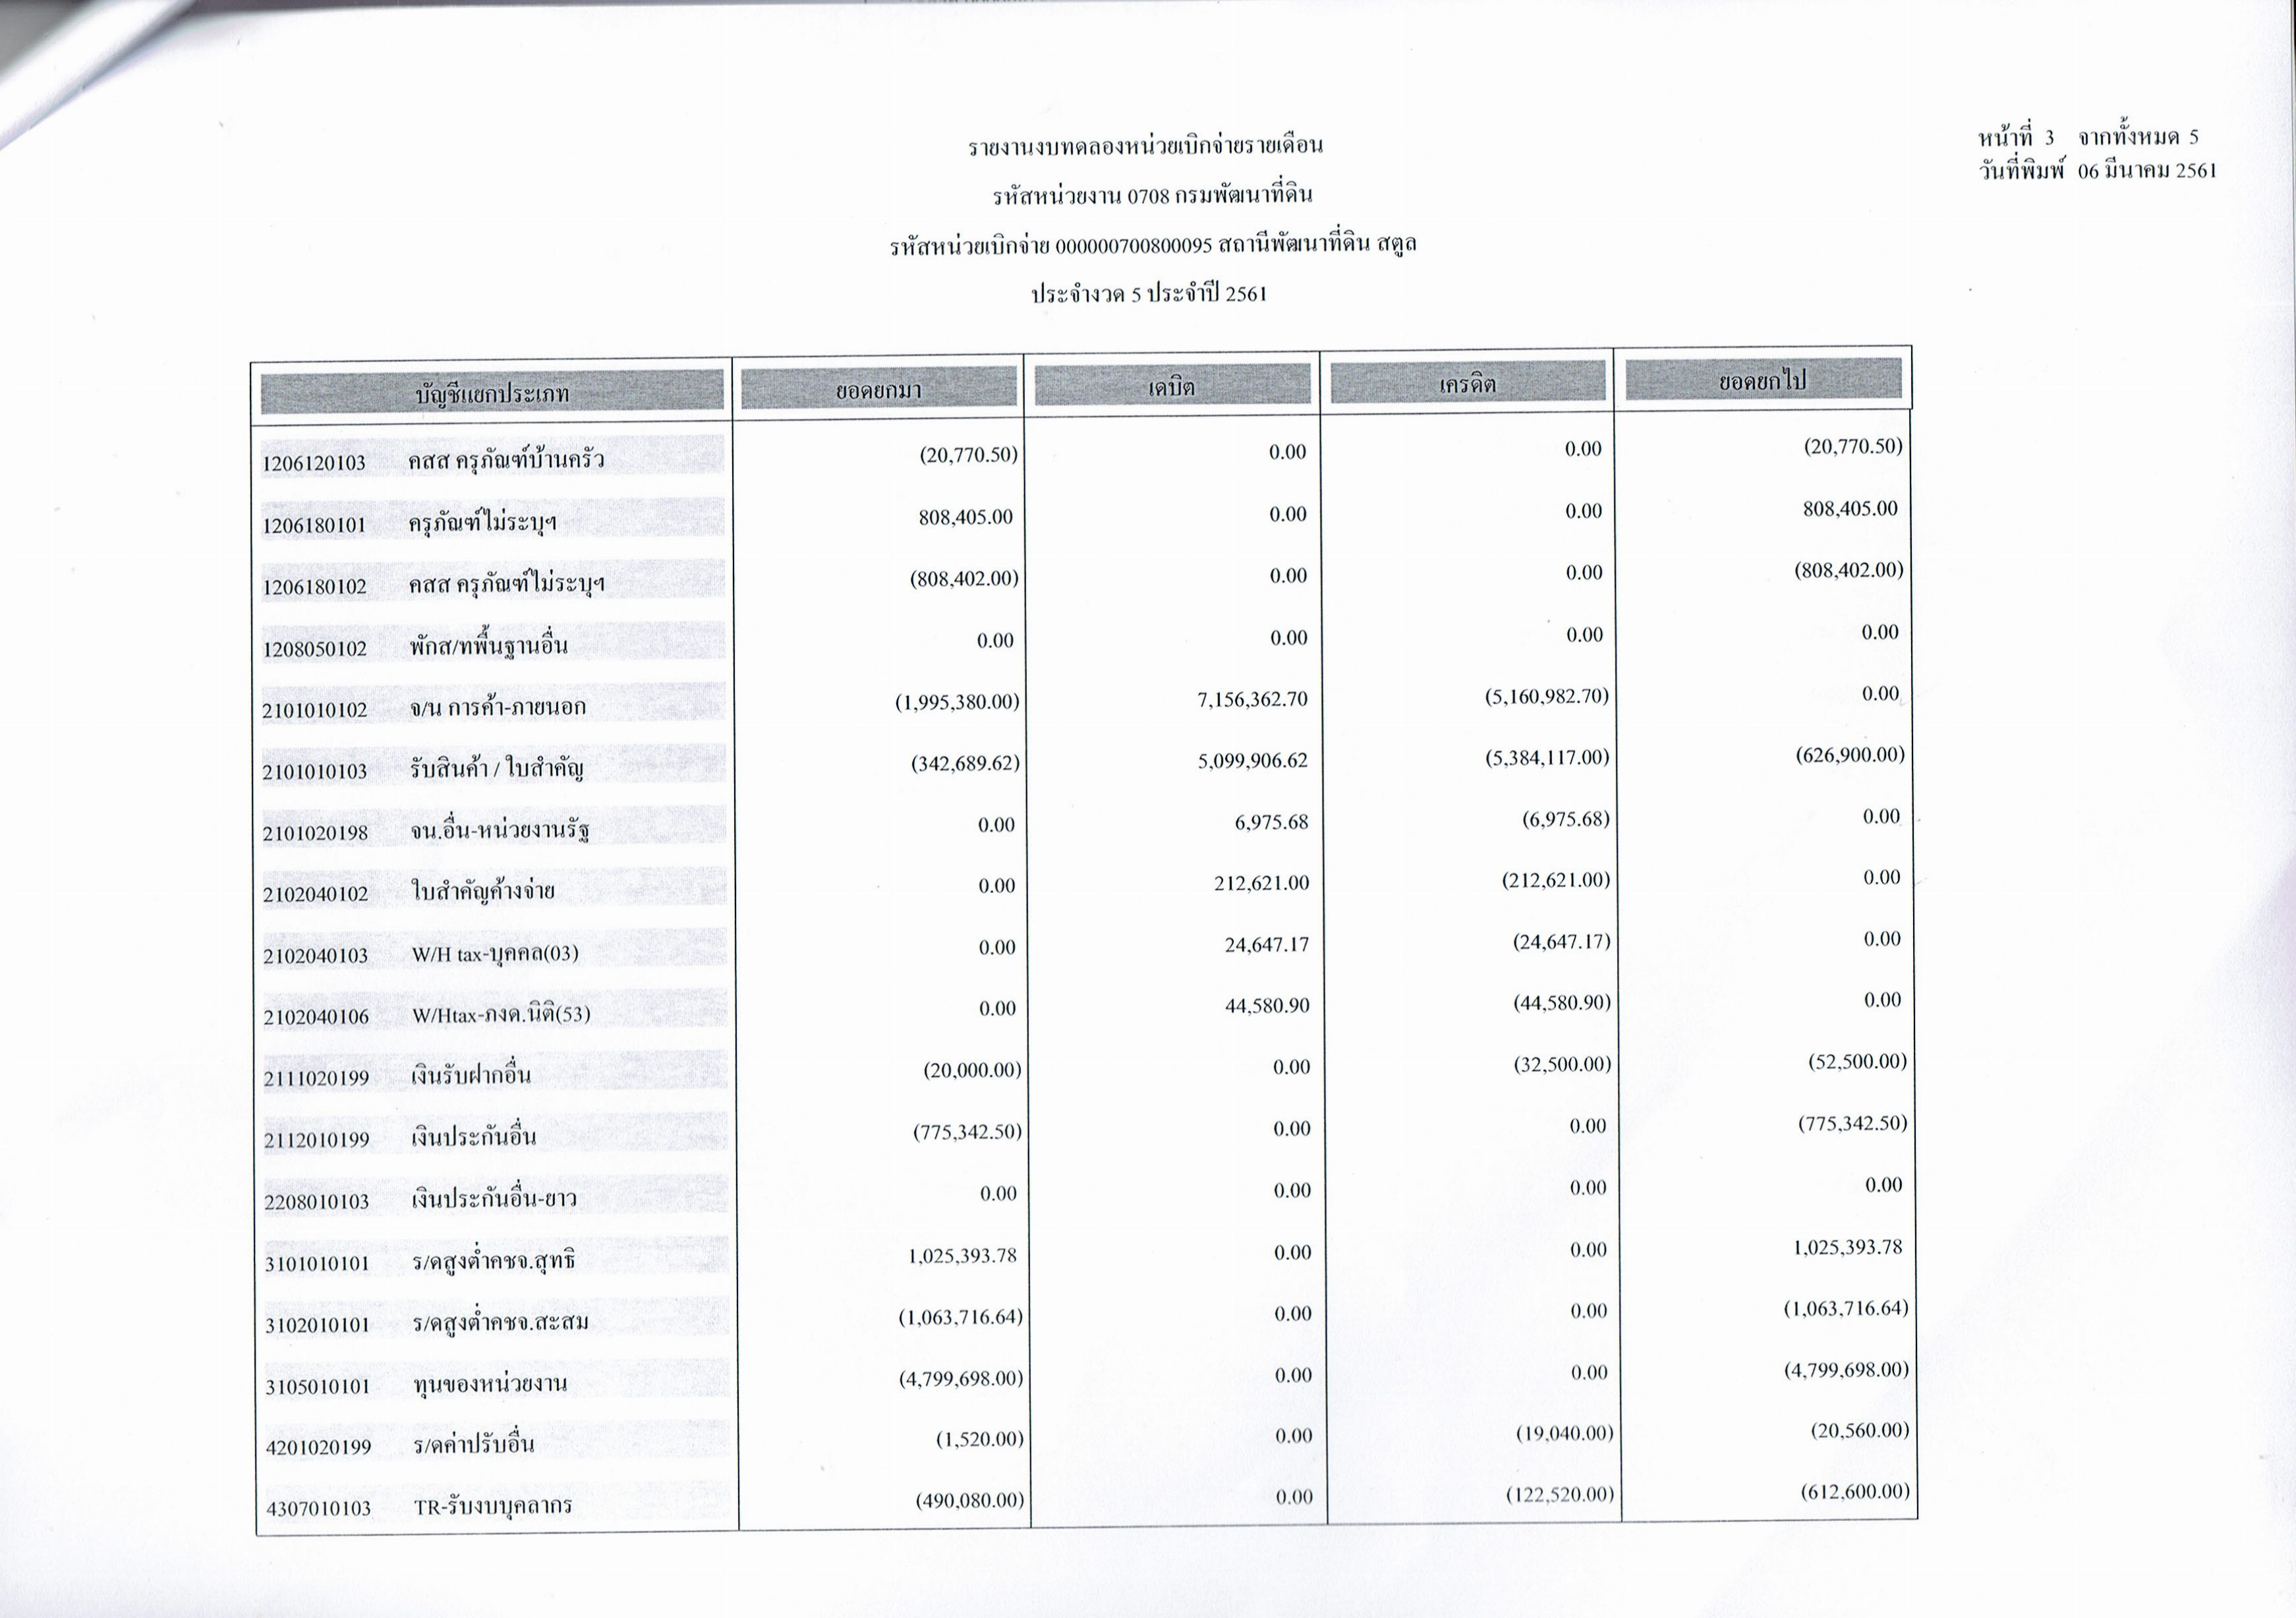 รายงานงบทดลองหน่วยเบิกจ่ายรายเดือนกุมภาพันธ์ ประจำงวด 5 ประจำปี 2561 3/5